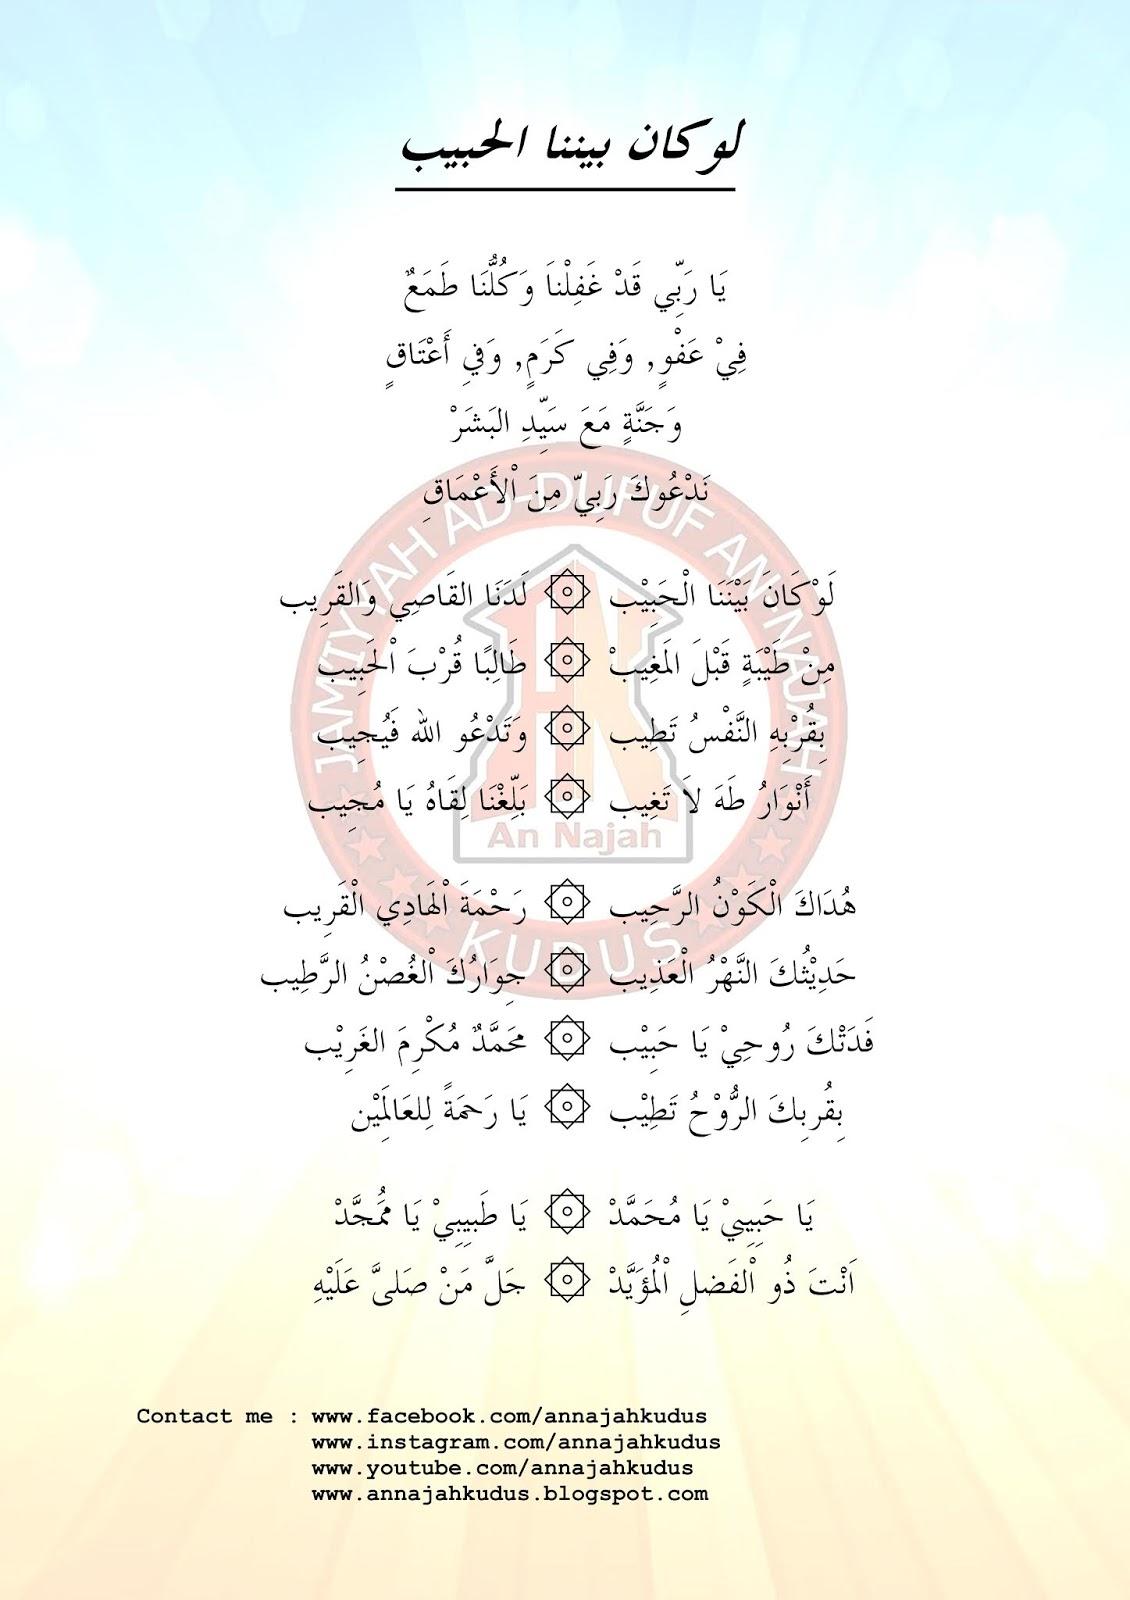 Law Kana Lirik : lirik, LIRIK, BAINANAL, HABIB, NAJAH, KUDUS